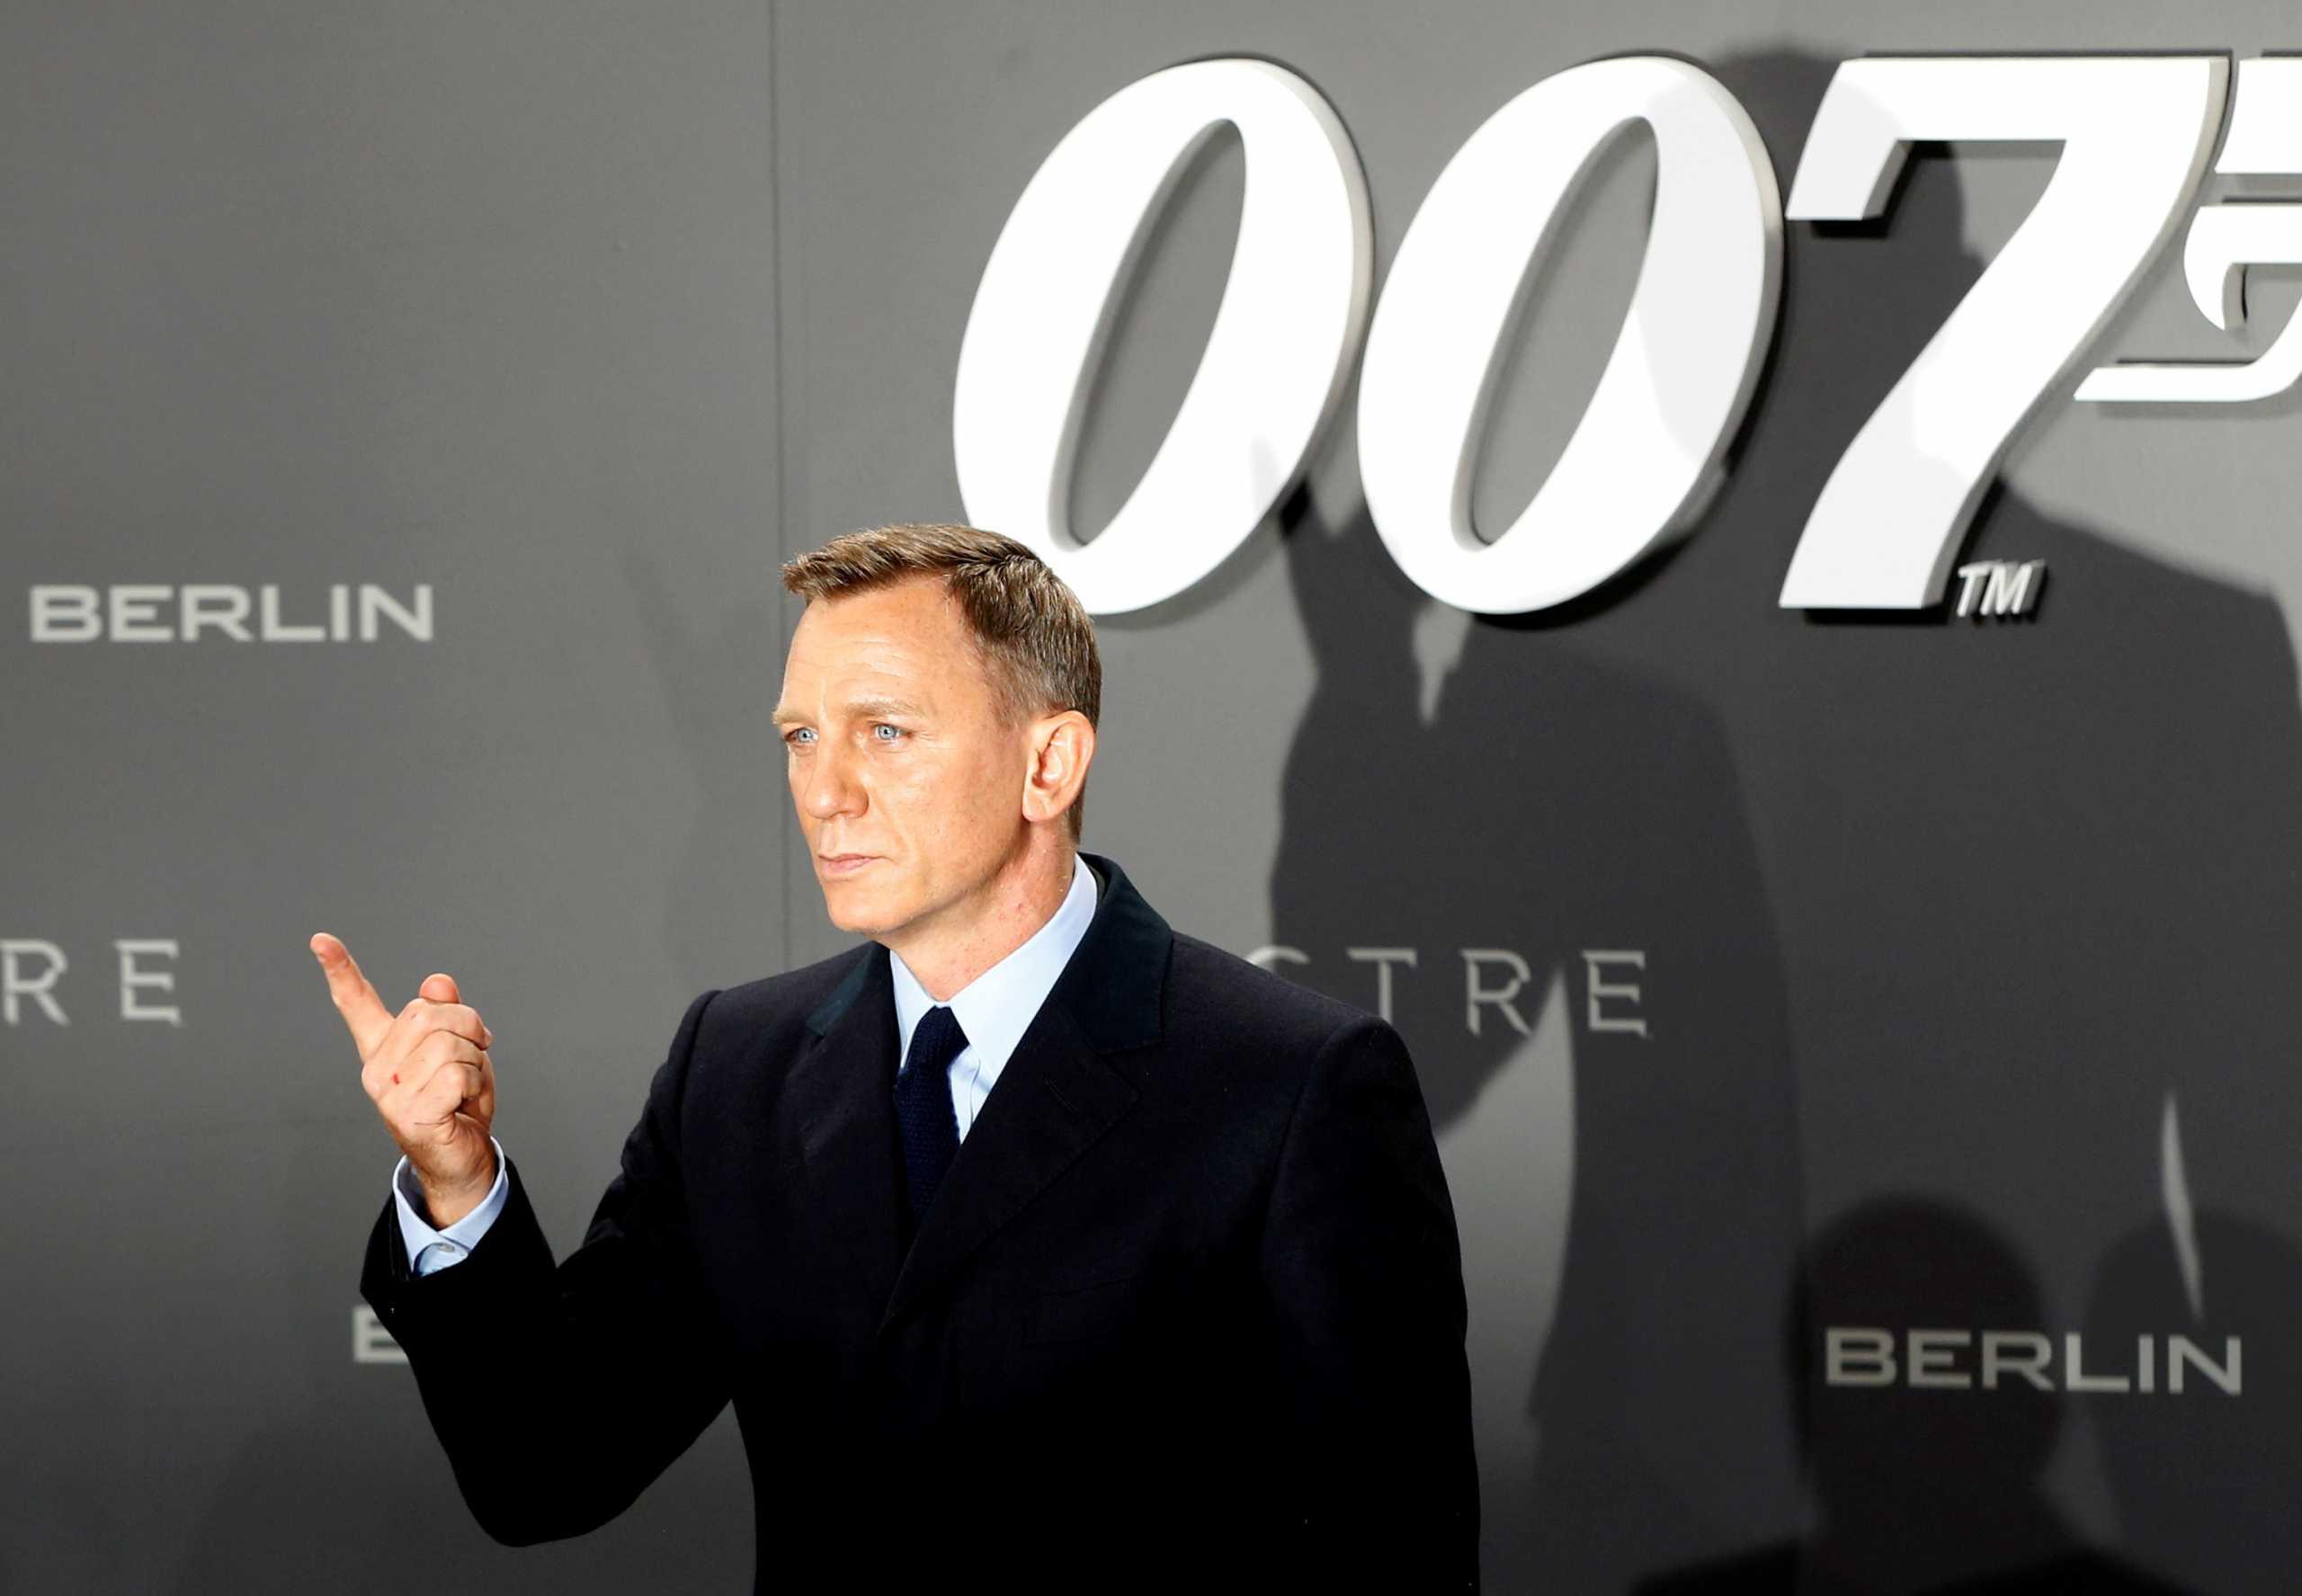 5 ρολόγια του James Bond που θα θέλαμε στον καρπό μας